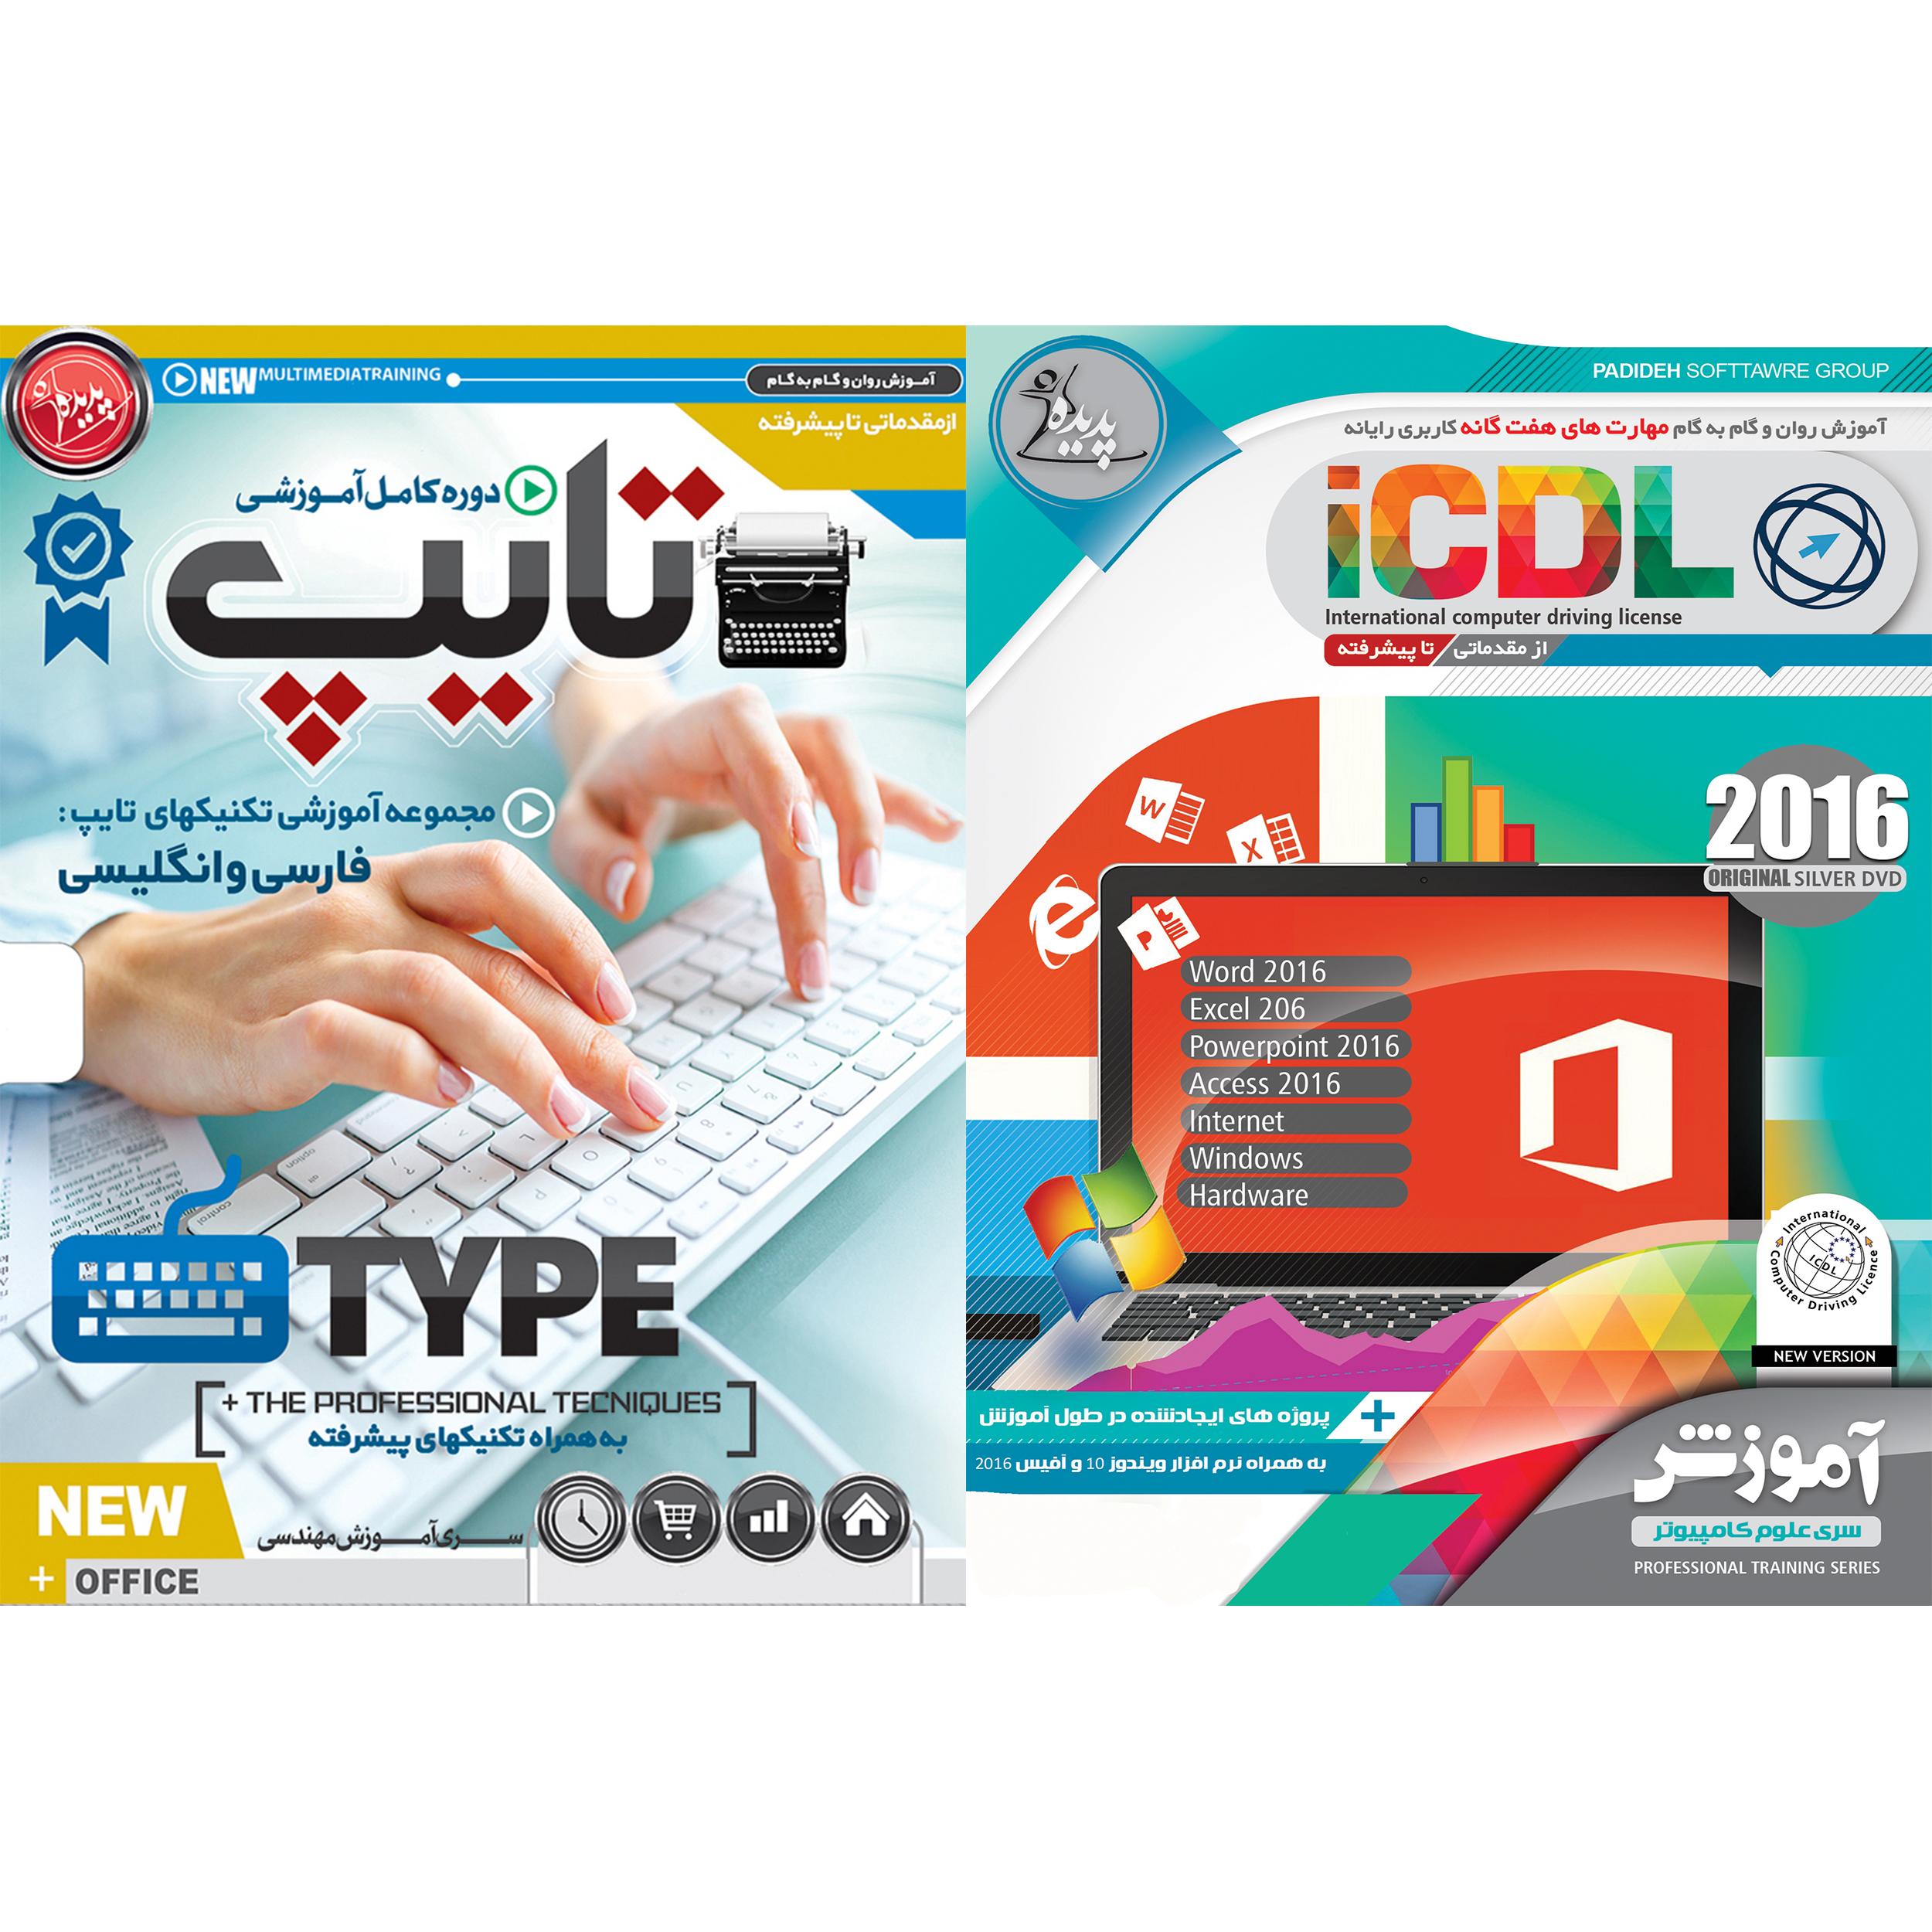 نرم افزار آموزش ICDL 2016 نشر پدیده به همراه نرم افزار آموزش تایپ نشر پدیده